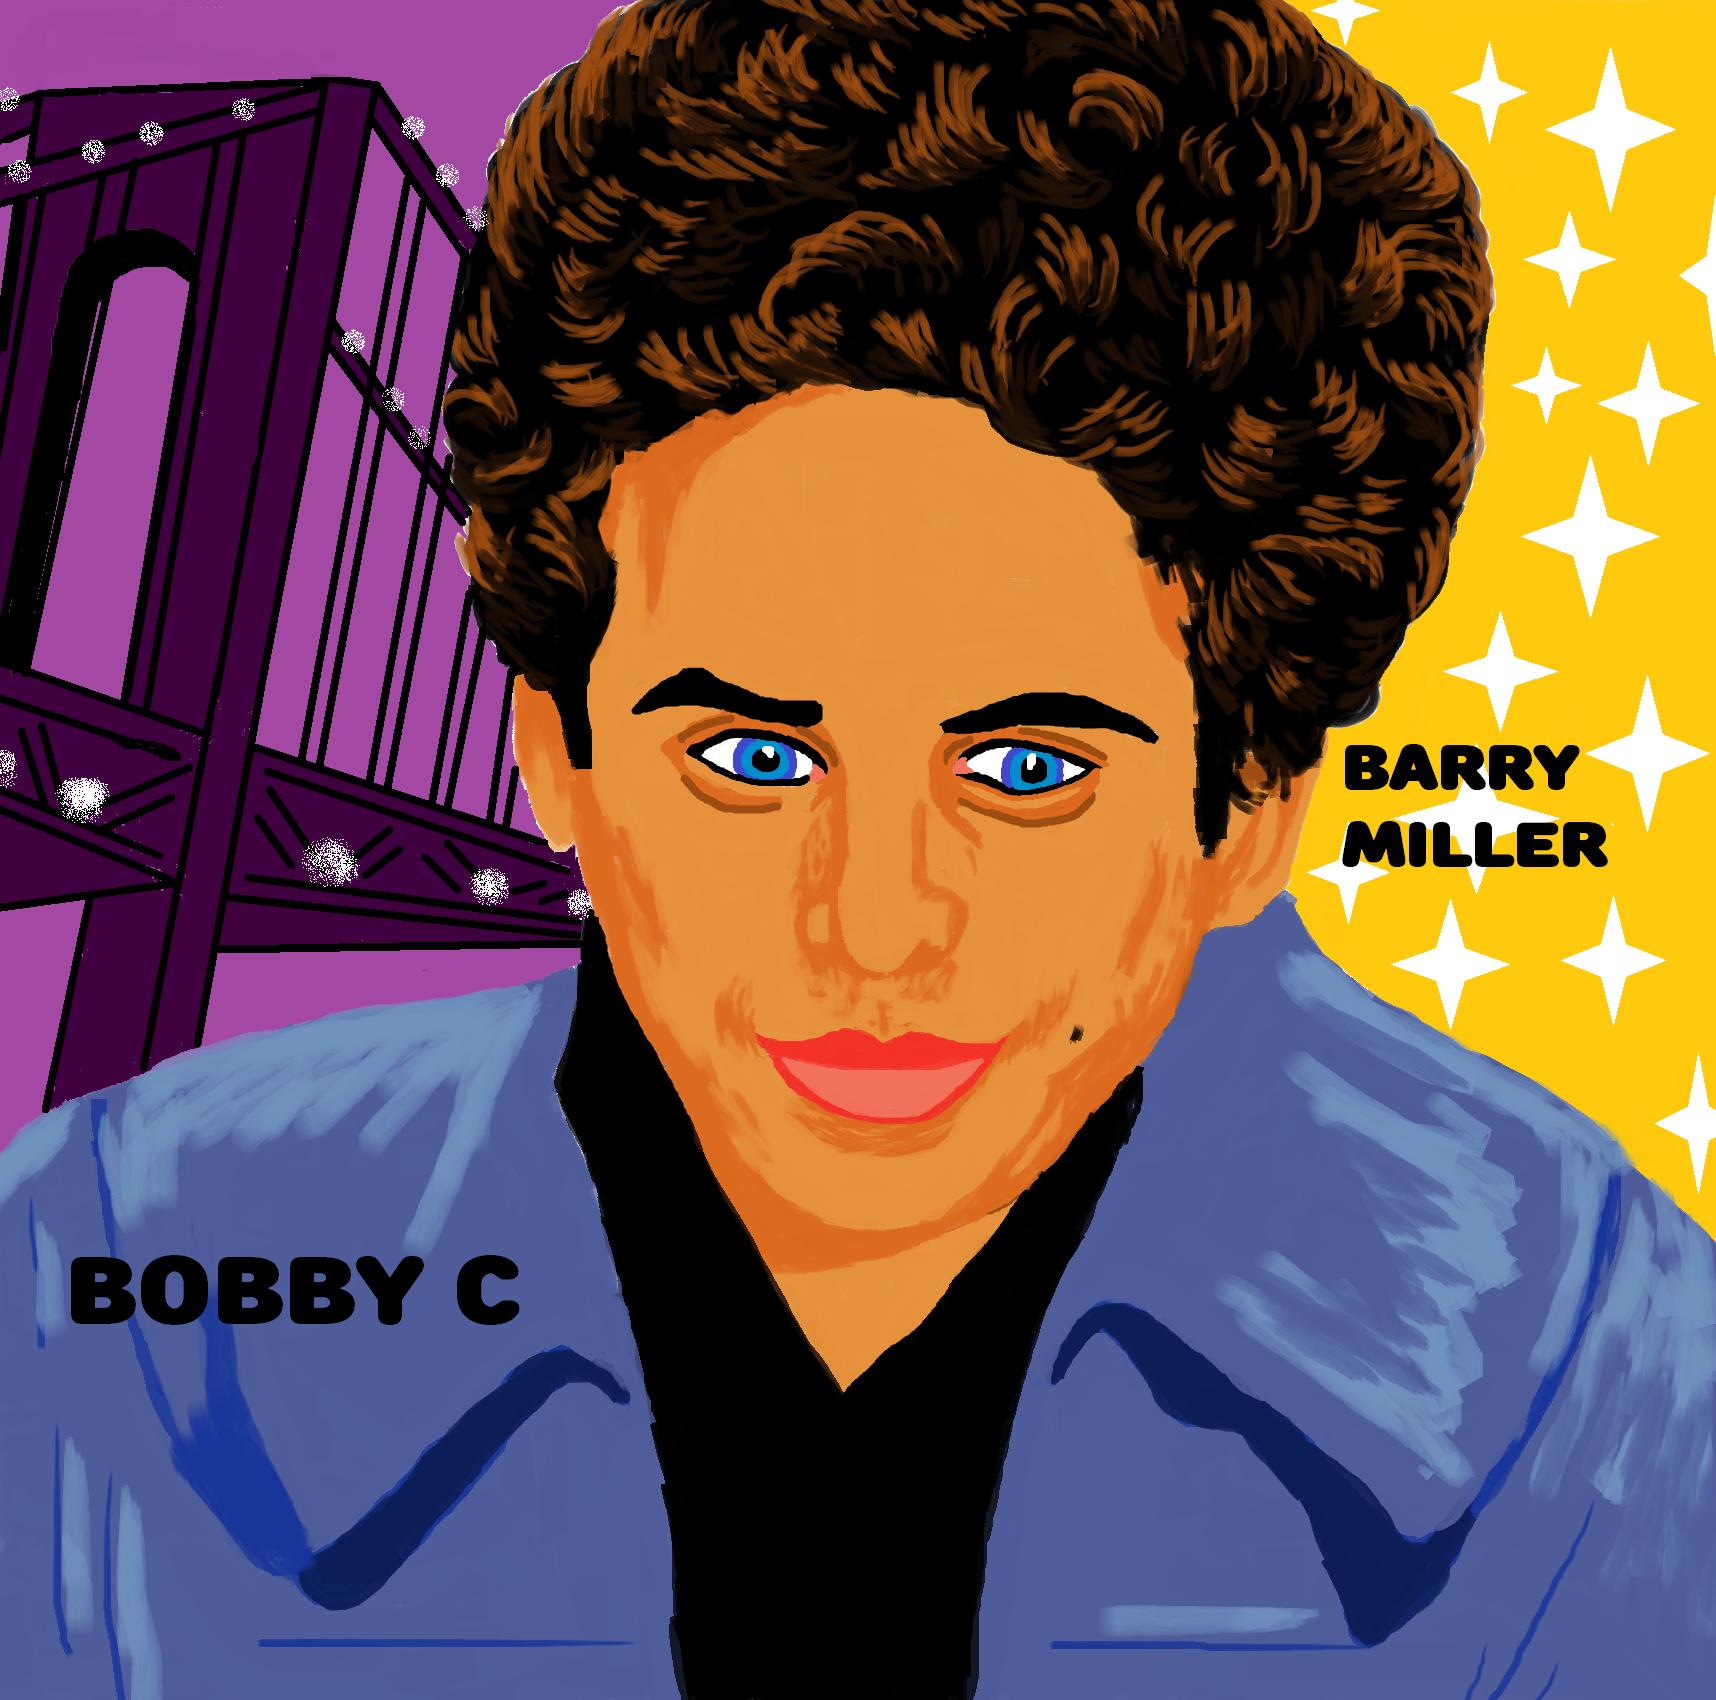 Bobby C cartoon